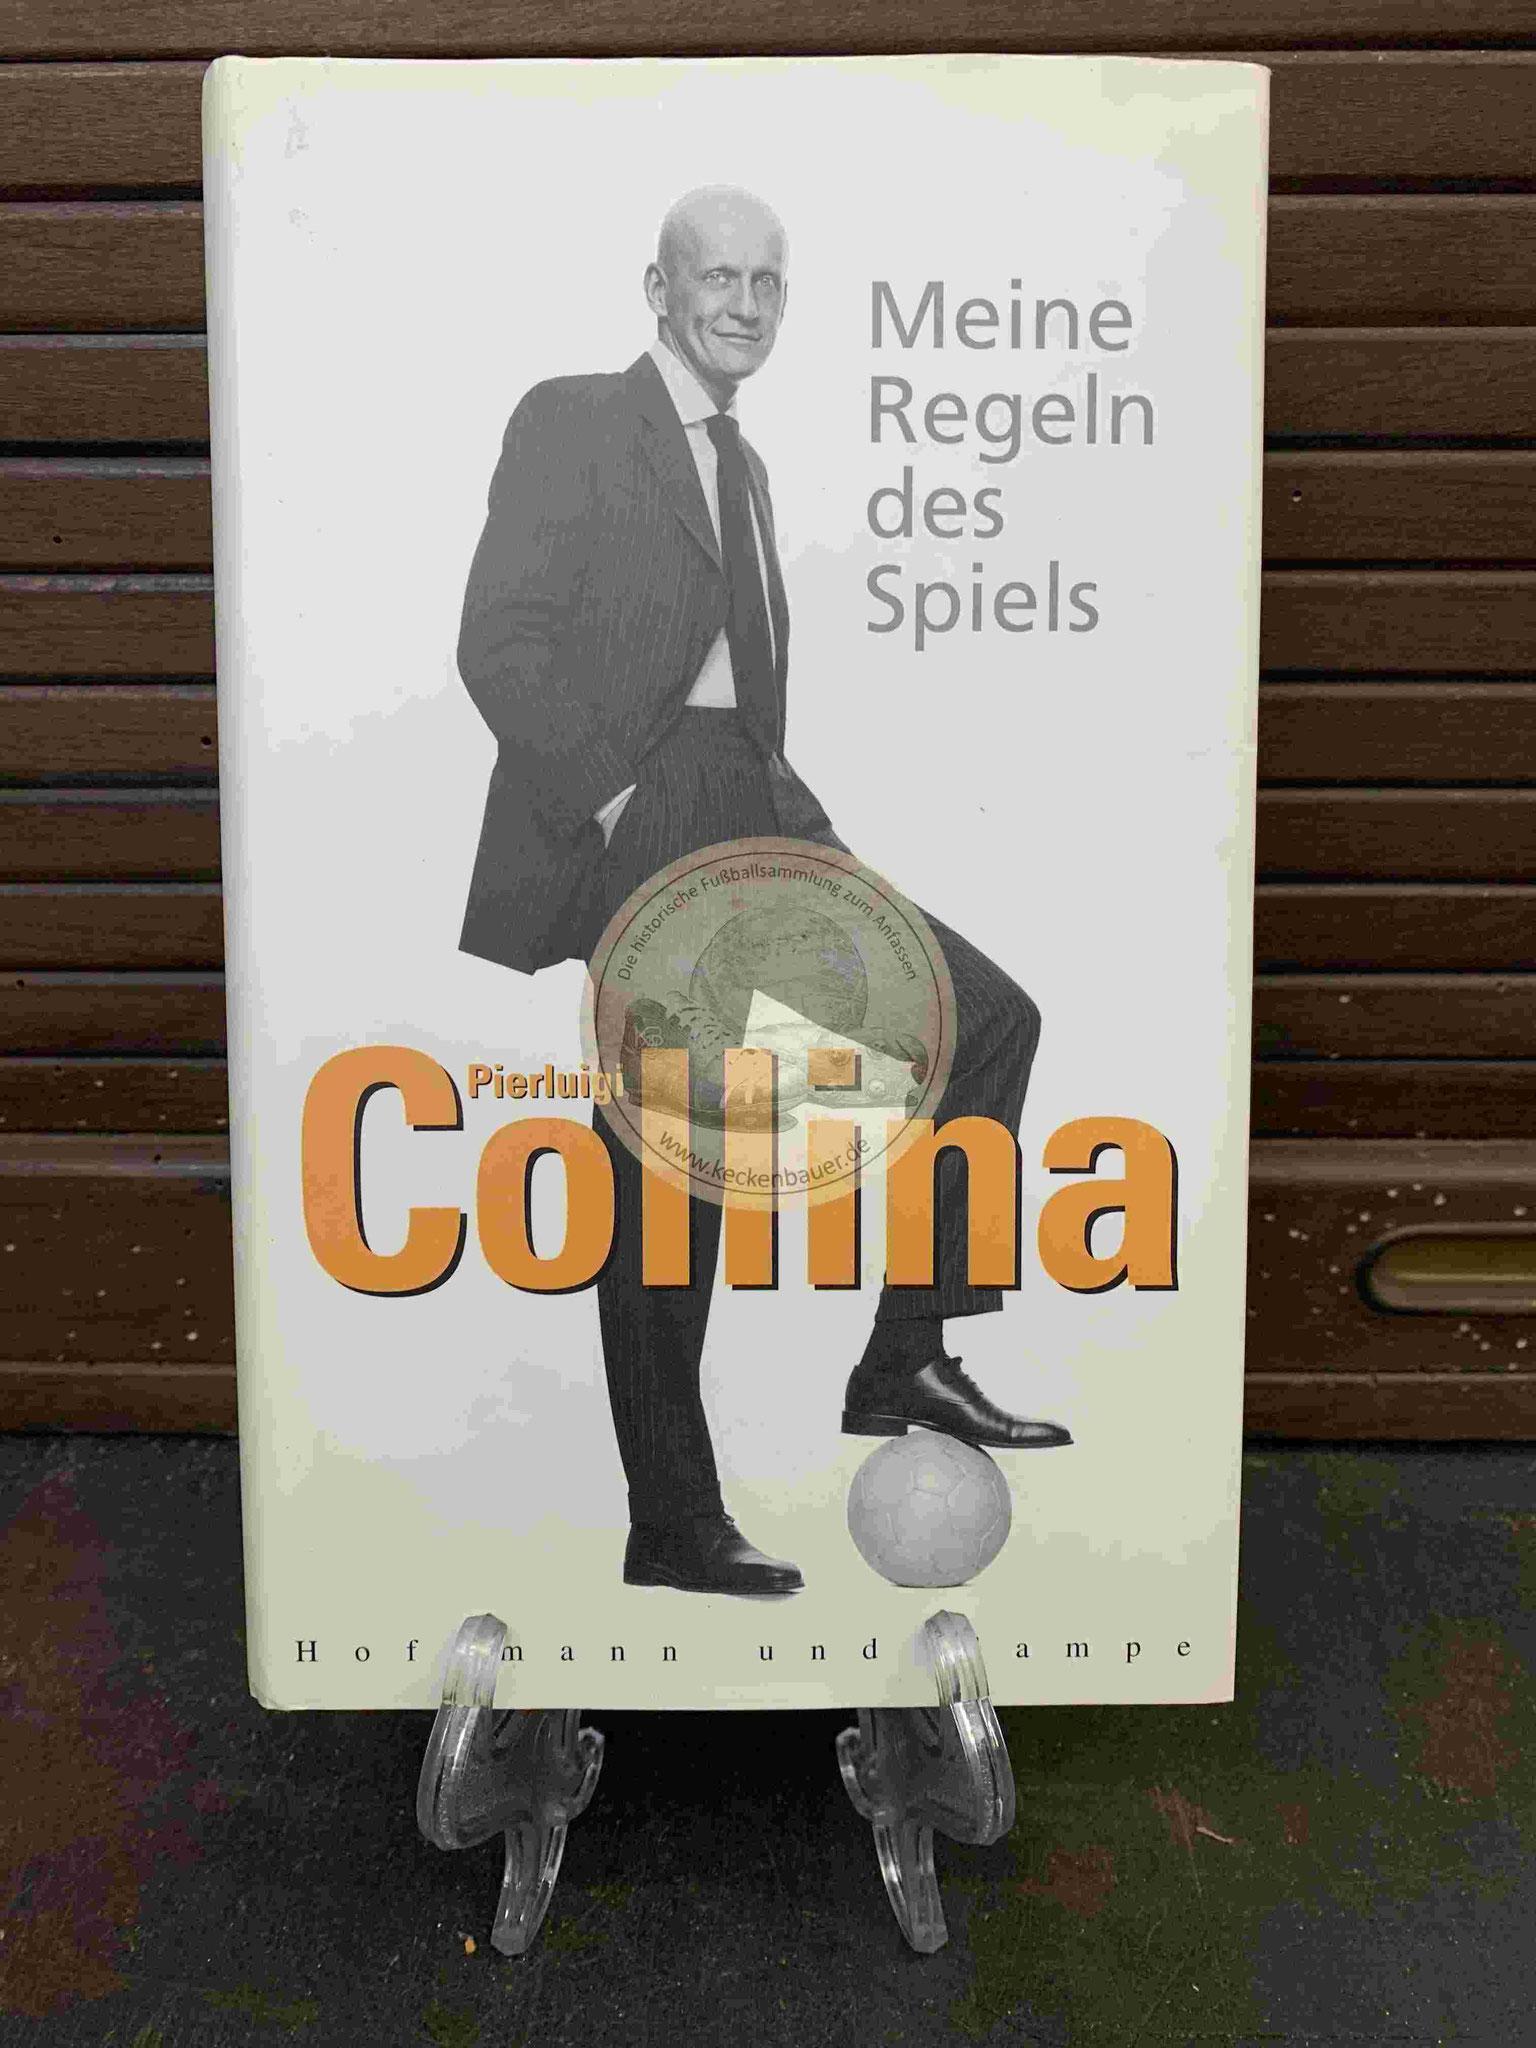 Pierluigi Collina Meine Regeln des Spiels aus dem Jahr 2003